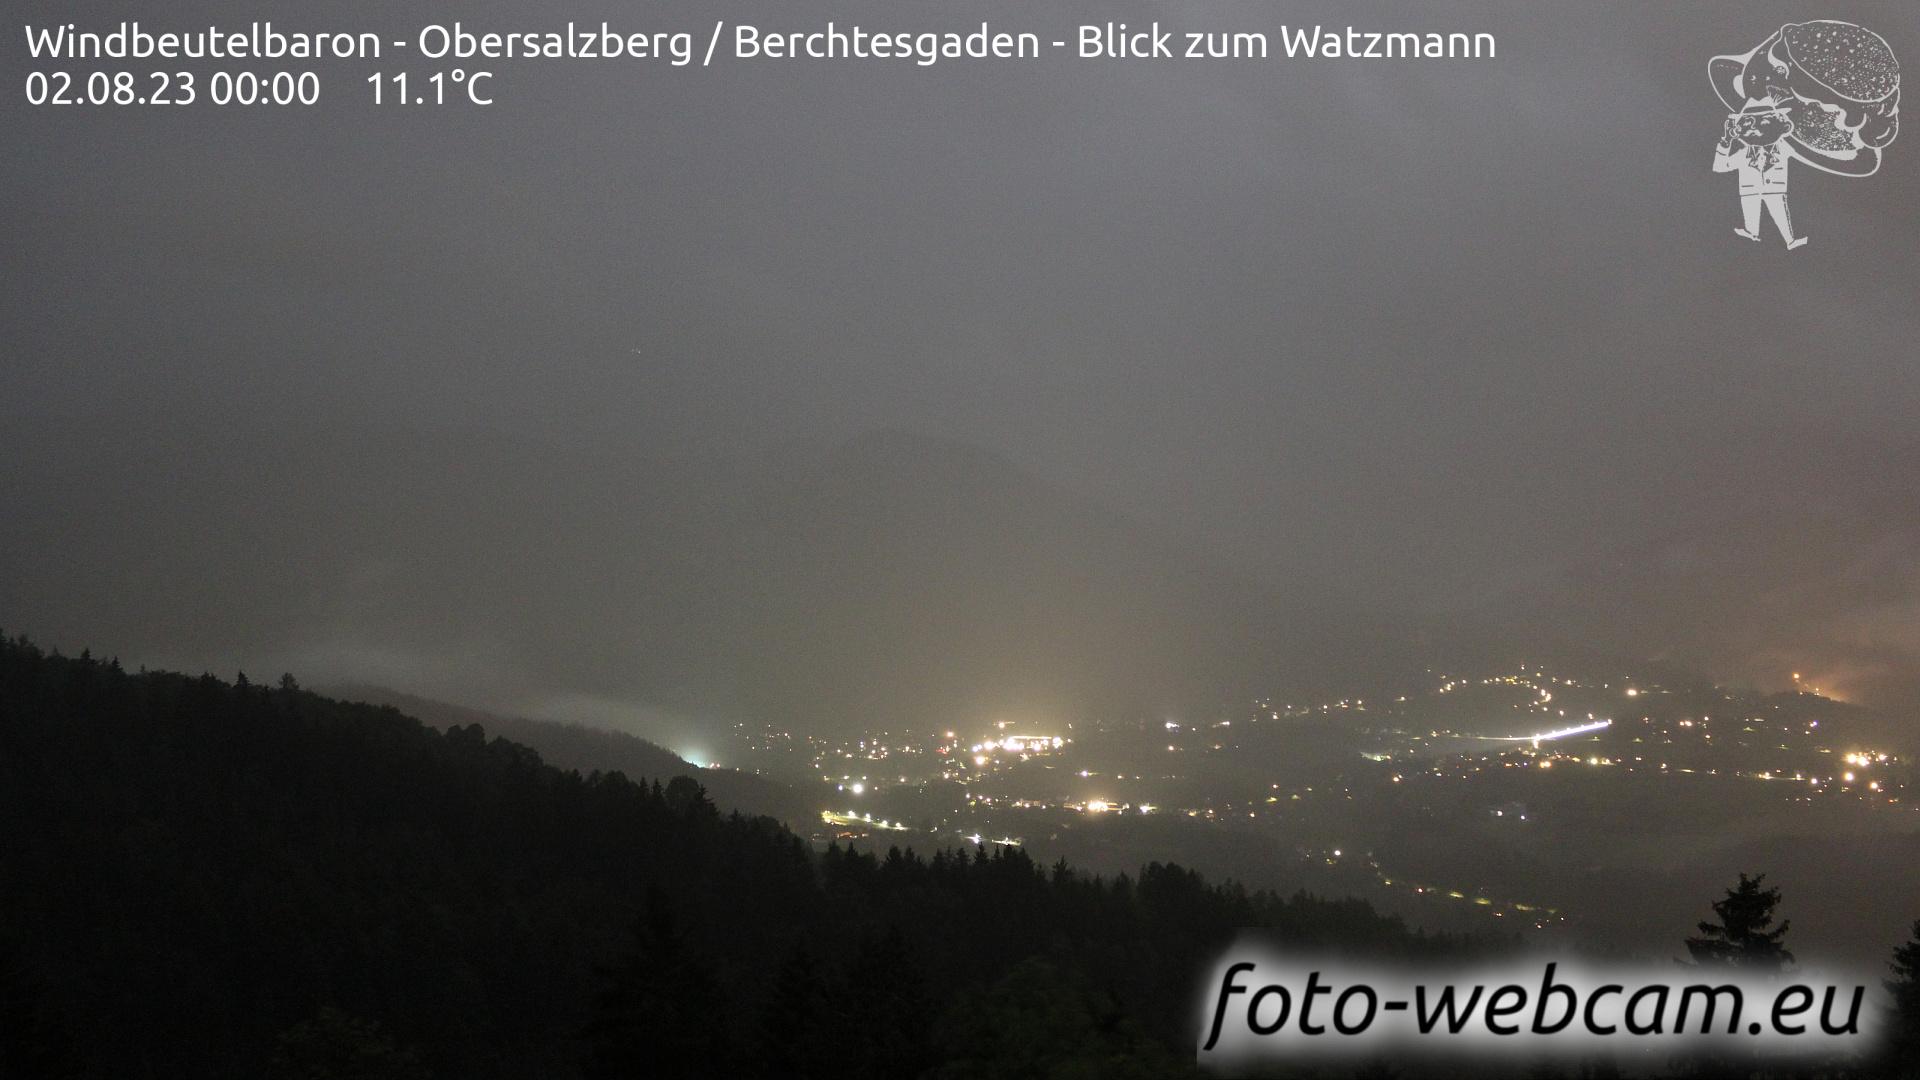 Berchtesgaden Sun. 00:32